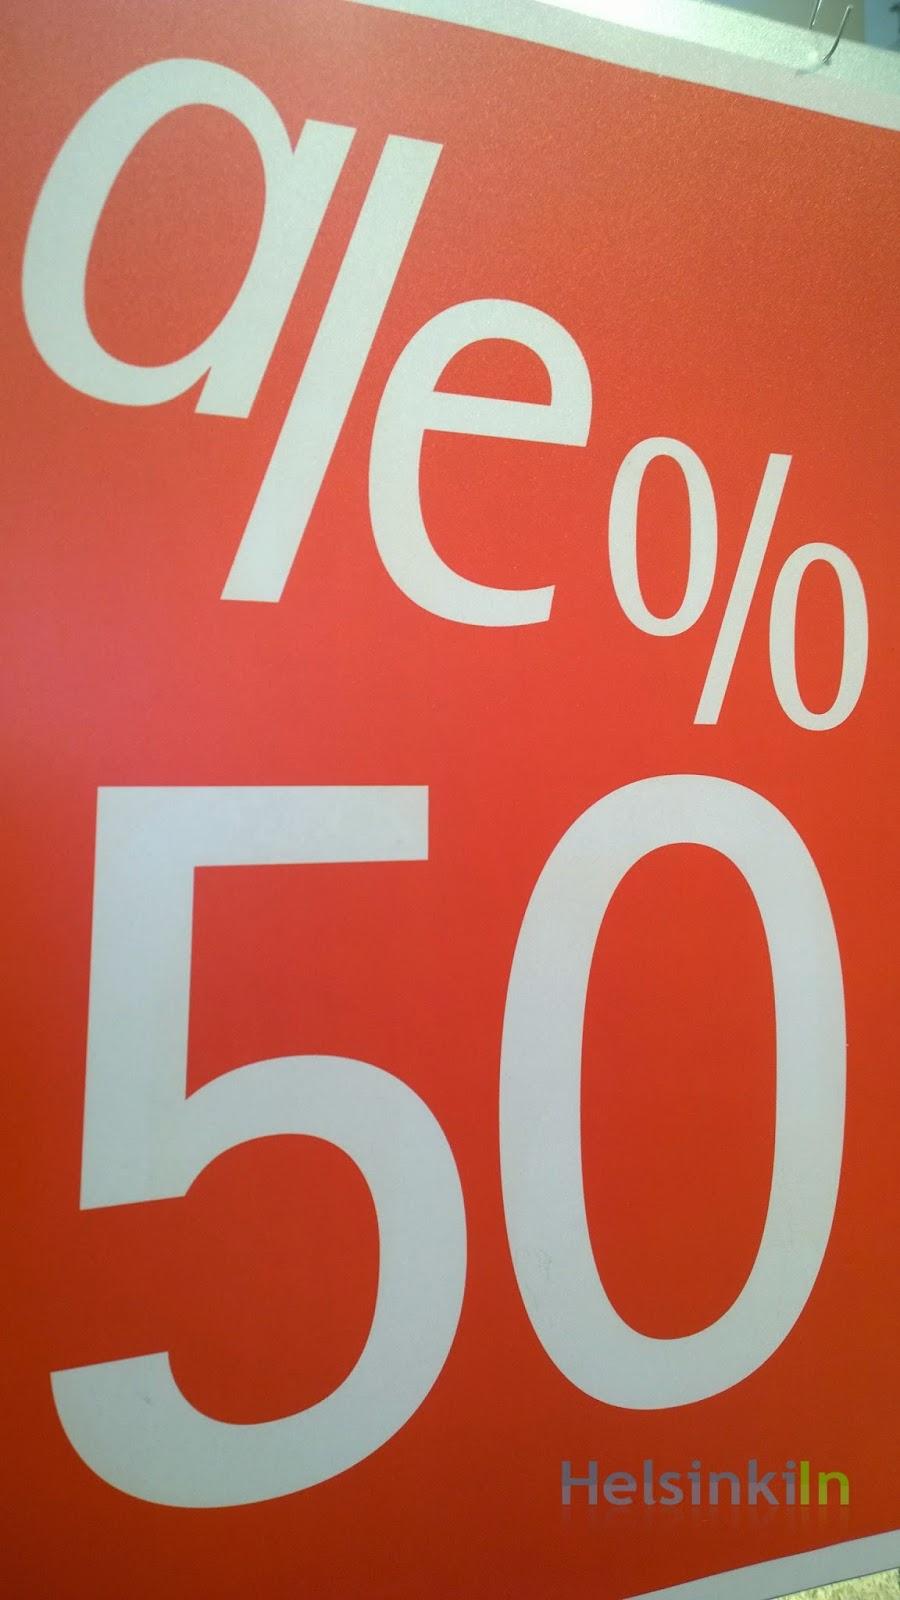 Sale at Kodin1 in Ruoholahti